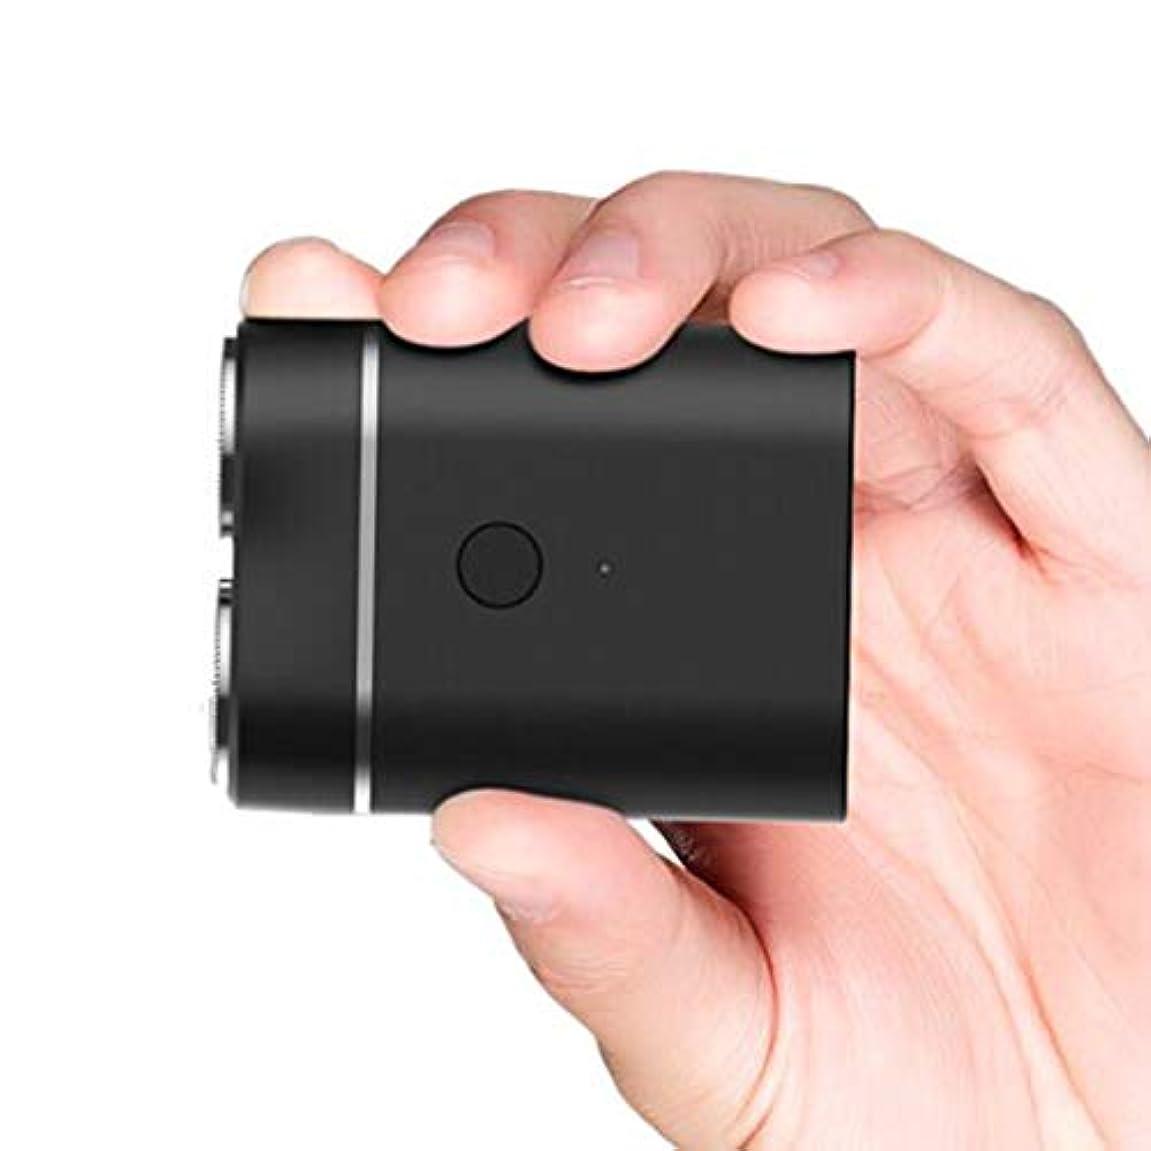 硫黄トラップ誘うひげそり 電動 メンズシェーバー,USB充電式 髭剃り 電気シェーバー コンパクト IPX7防水 電気シェーバー 回転式 お風呂剃りドライ両用 人気プレゼント